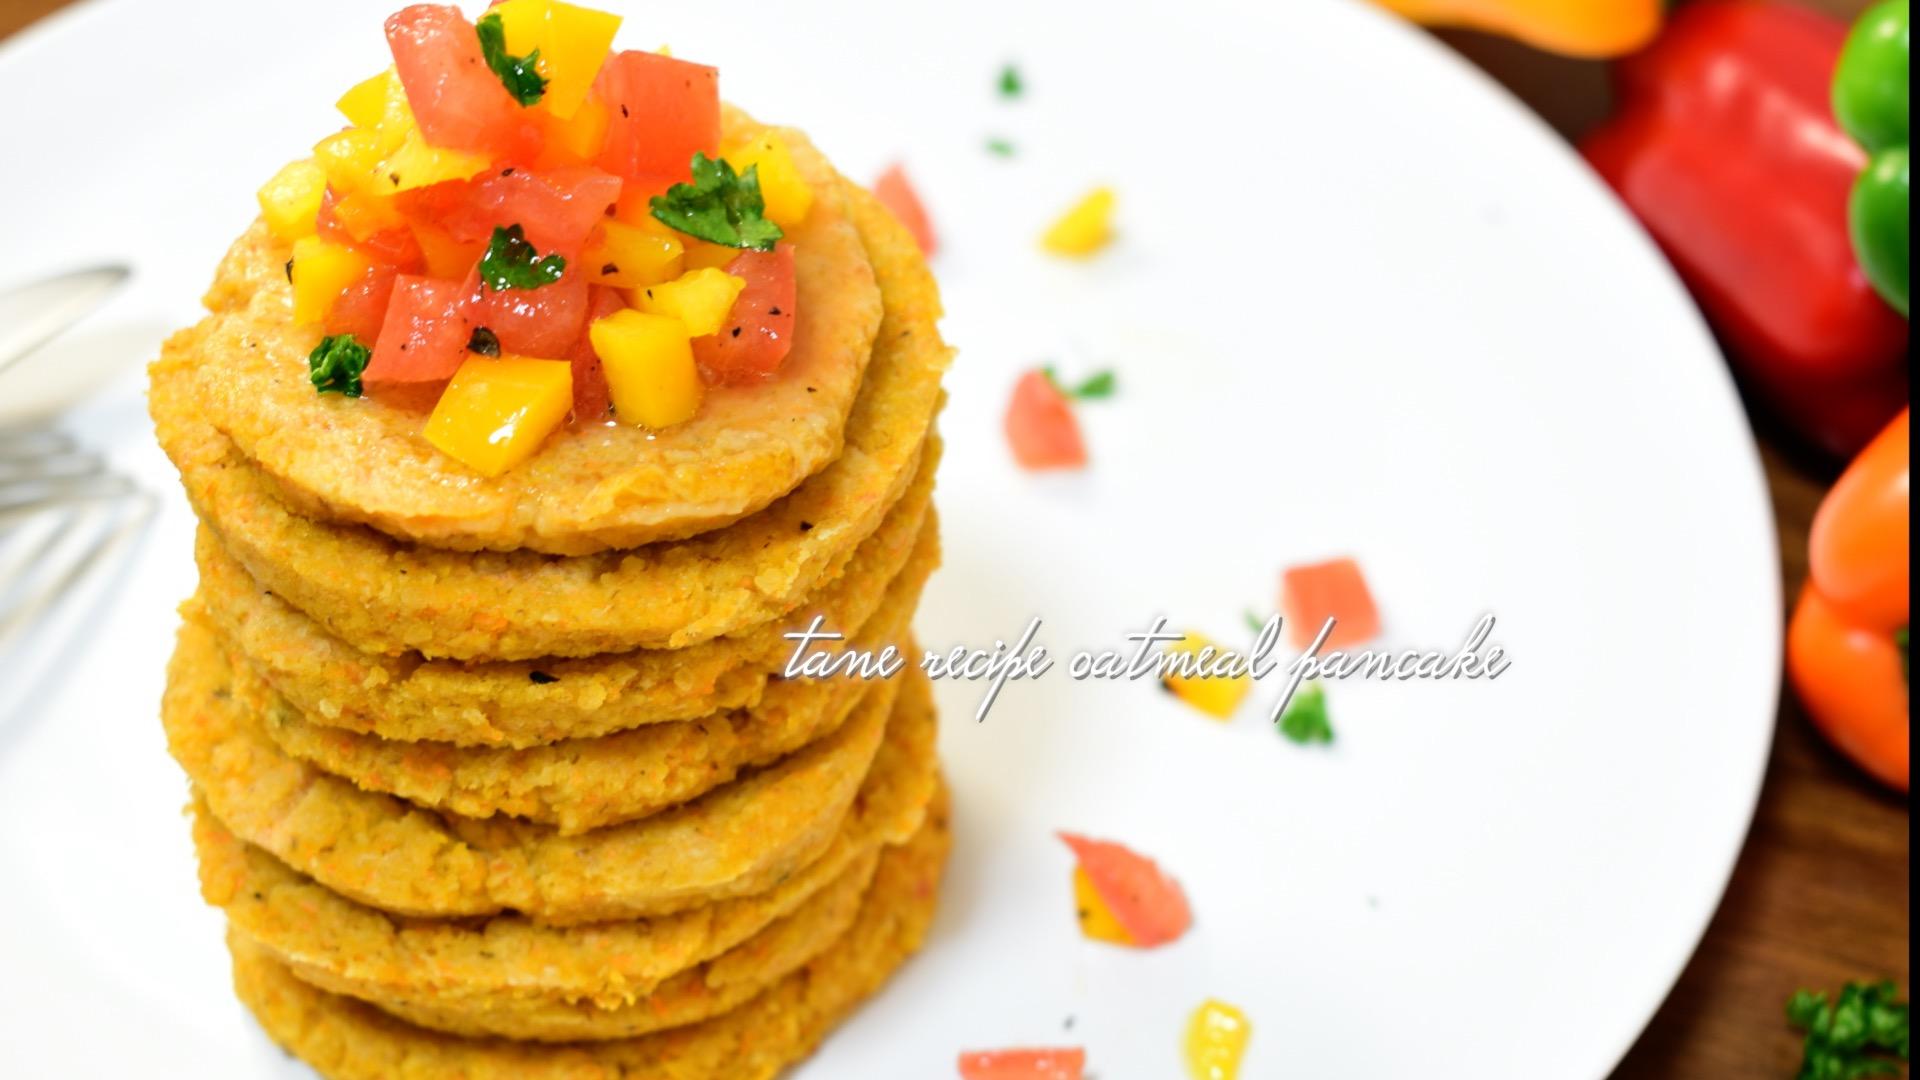 【オートミール】人参とトマトのオートミールパンケーキ【小麦粉・卵・乳製品不使用】